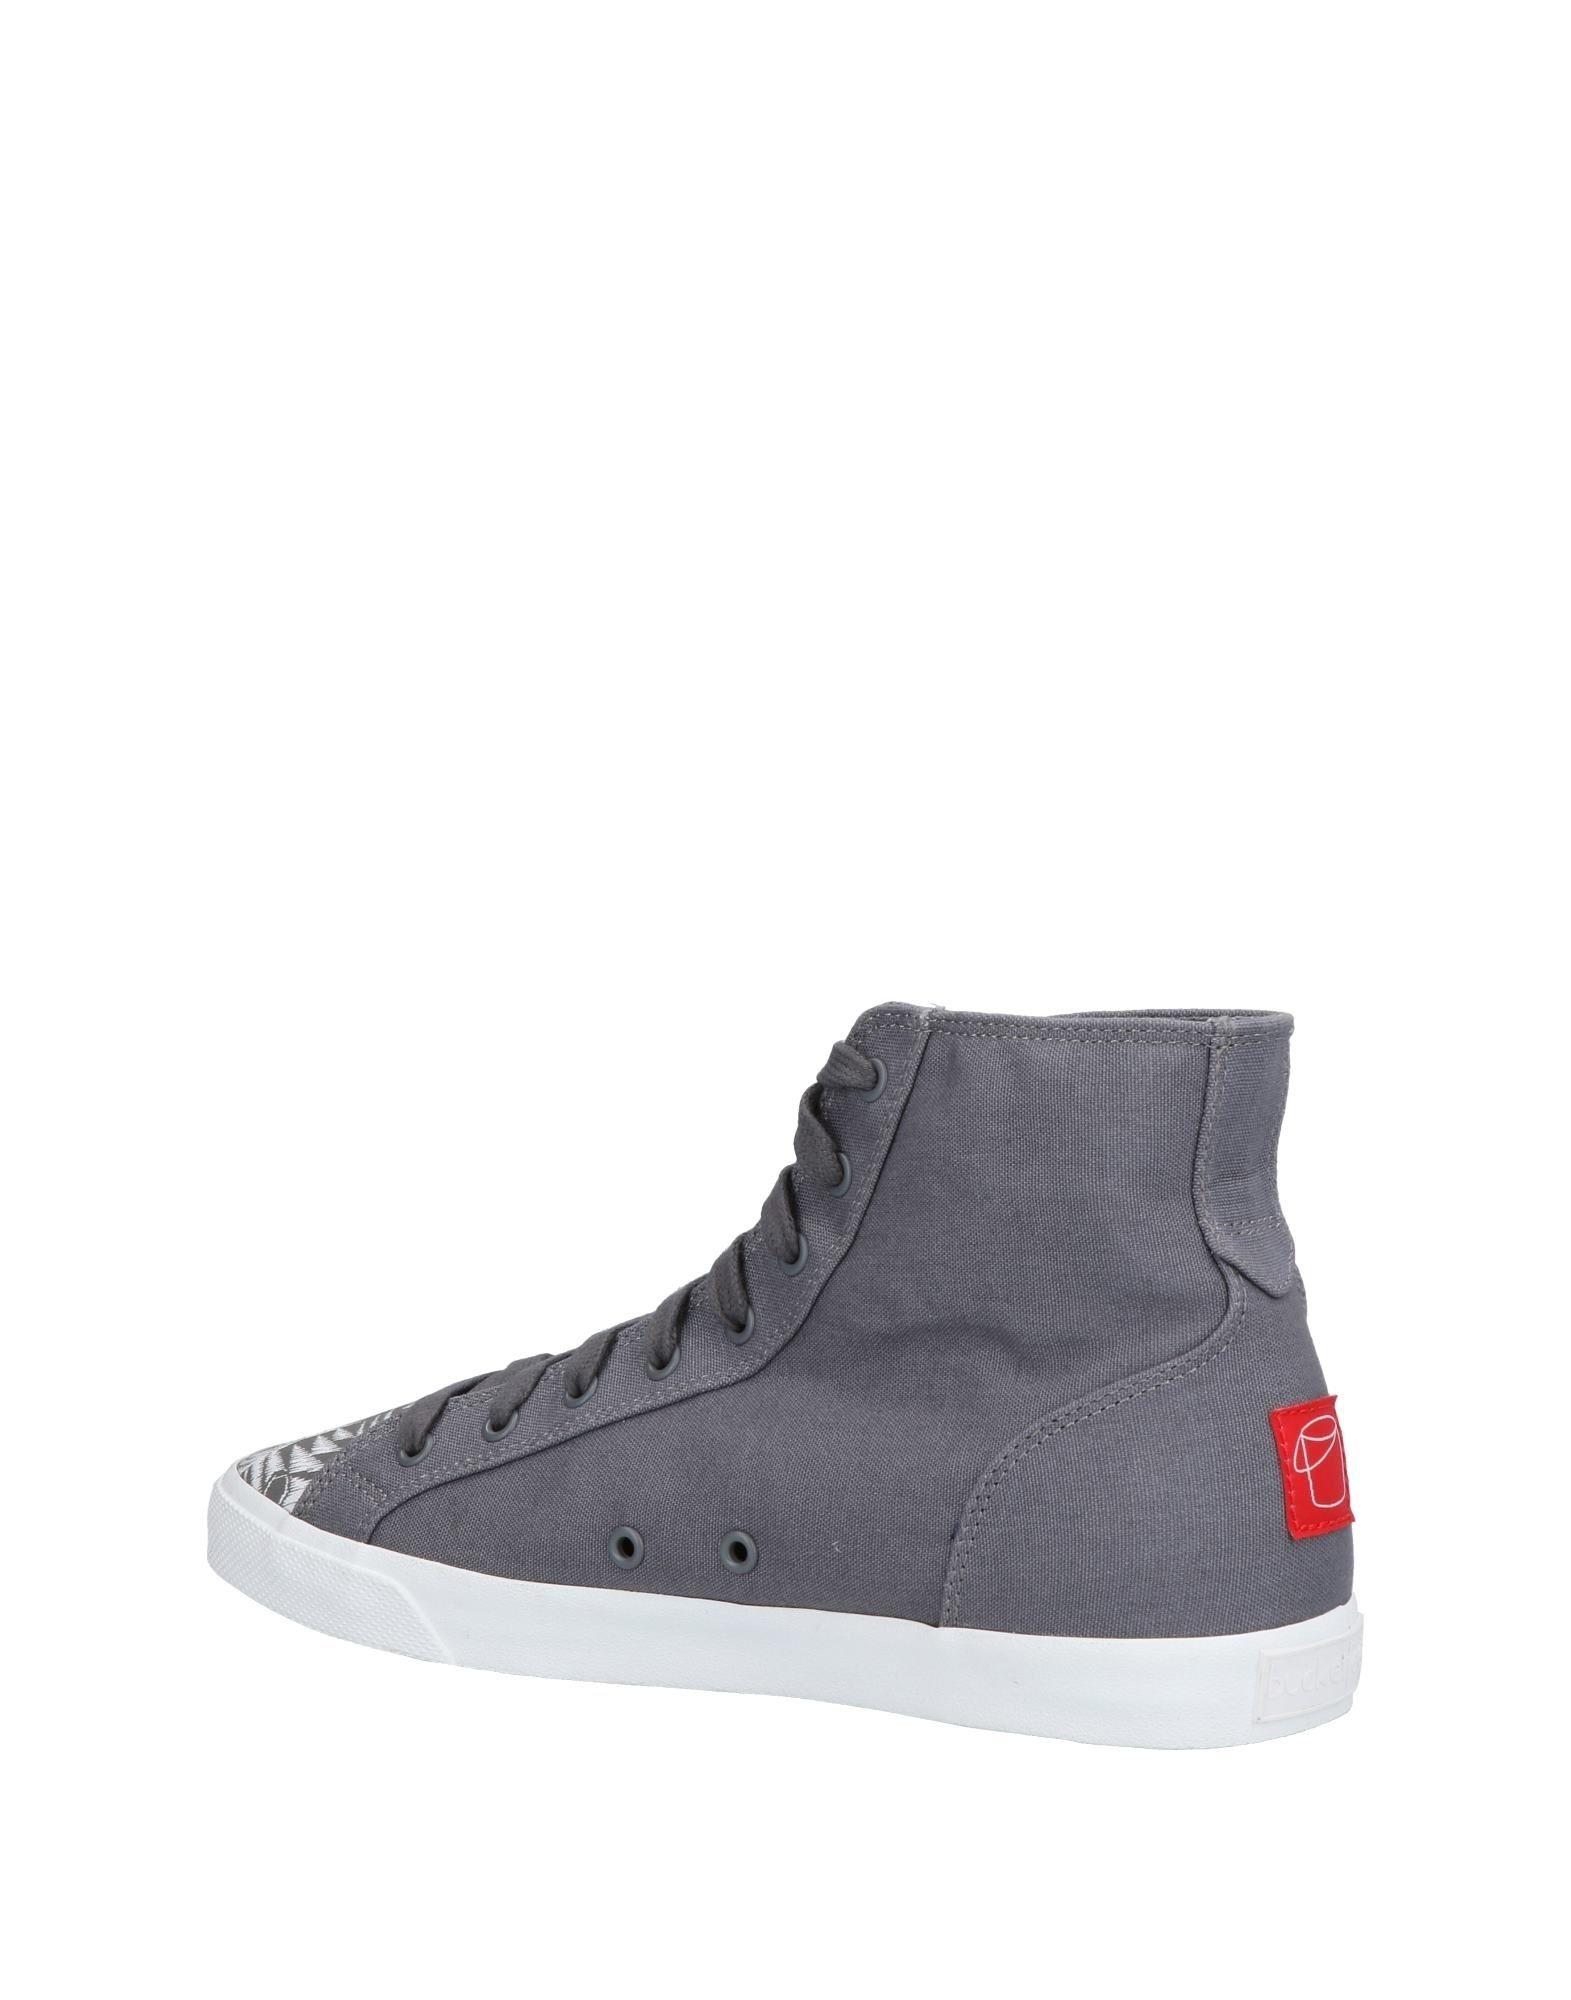 Sneakers Bucketfeet Homme - Sneakers Bucketfeet sur